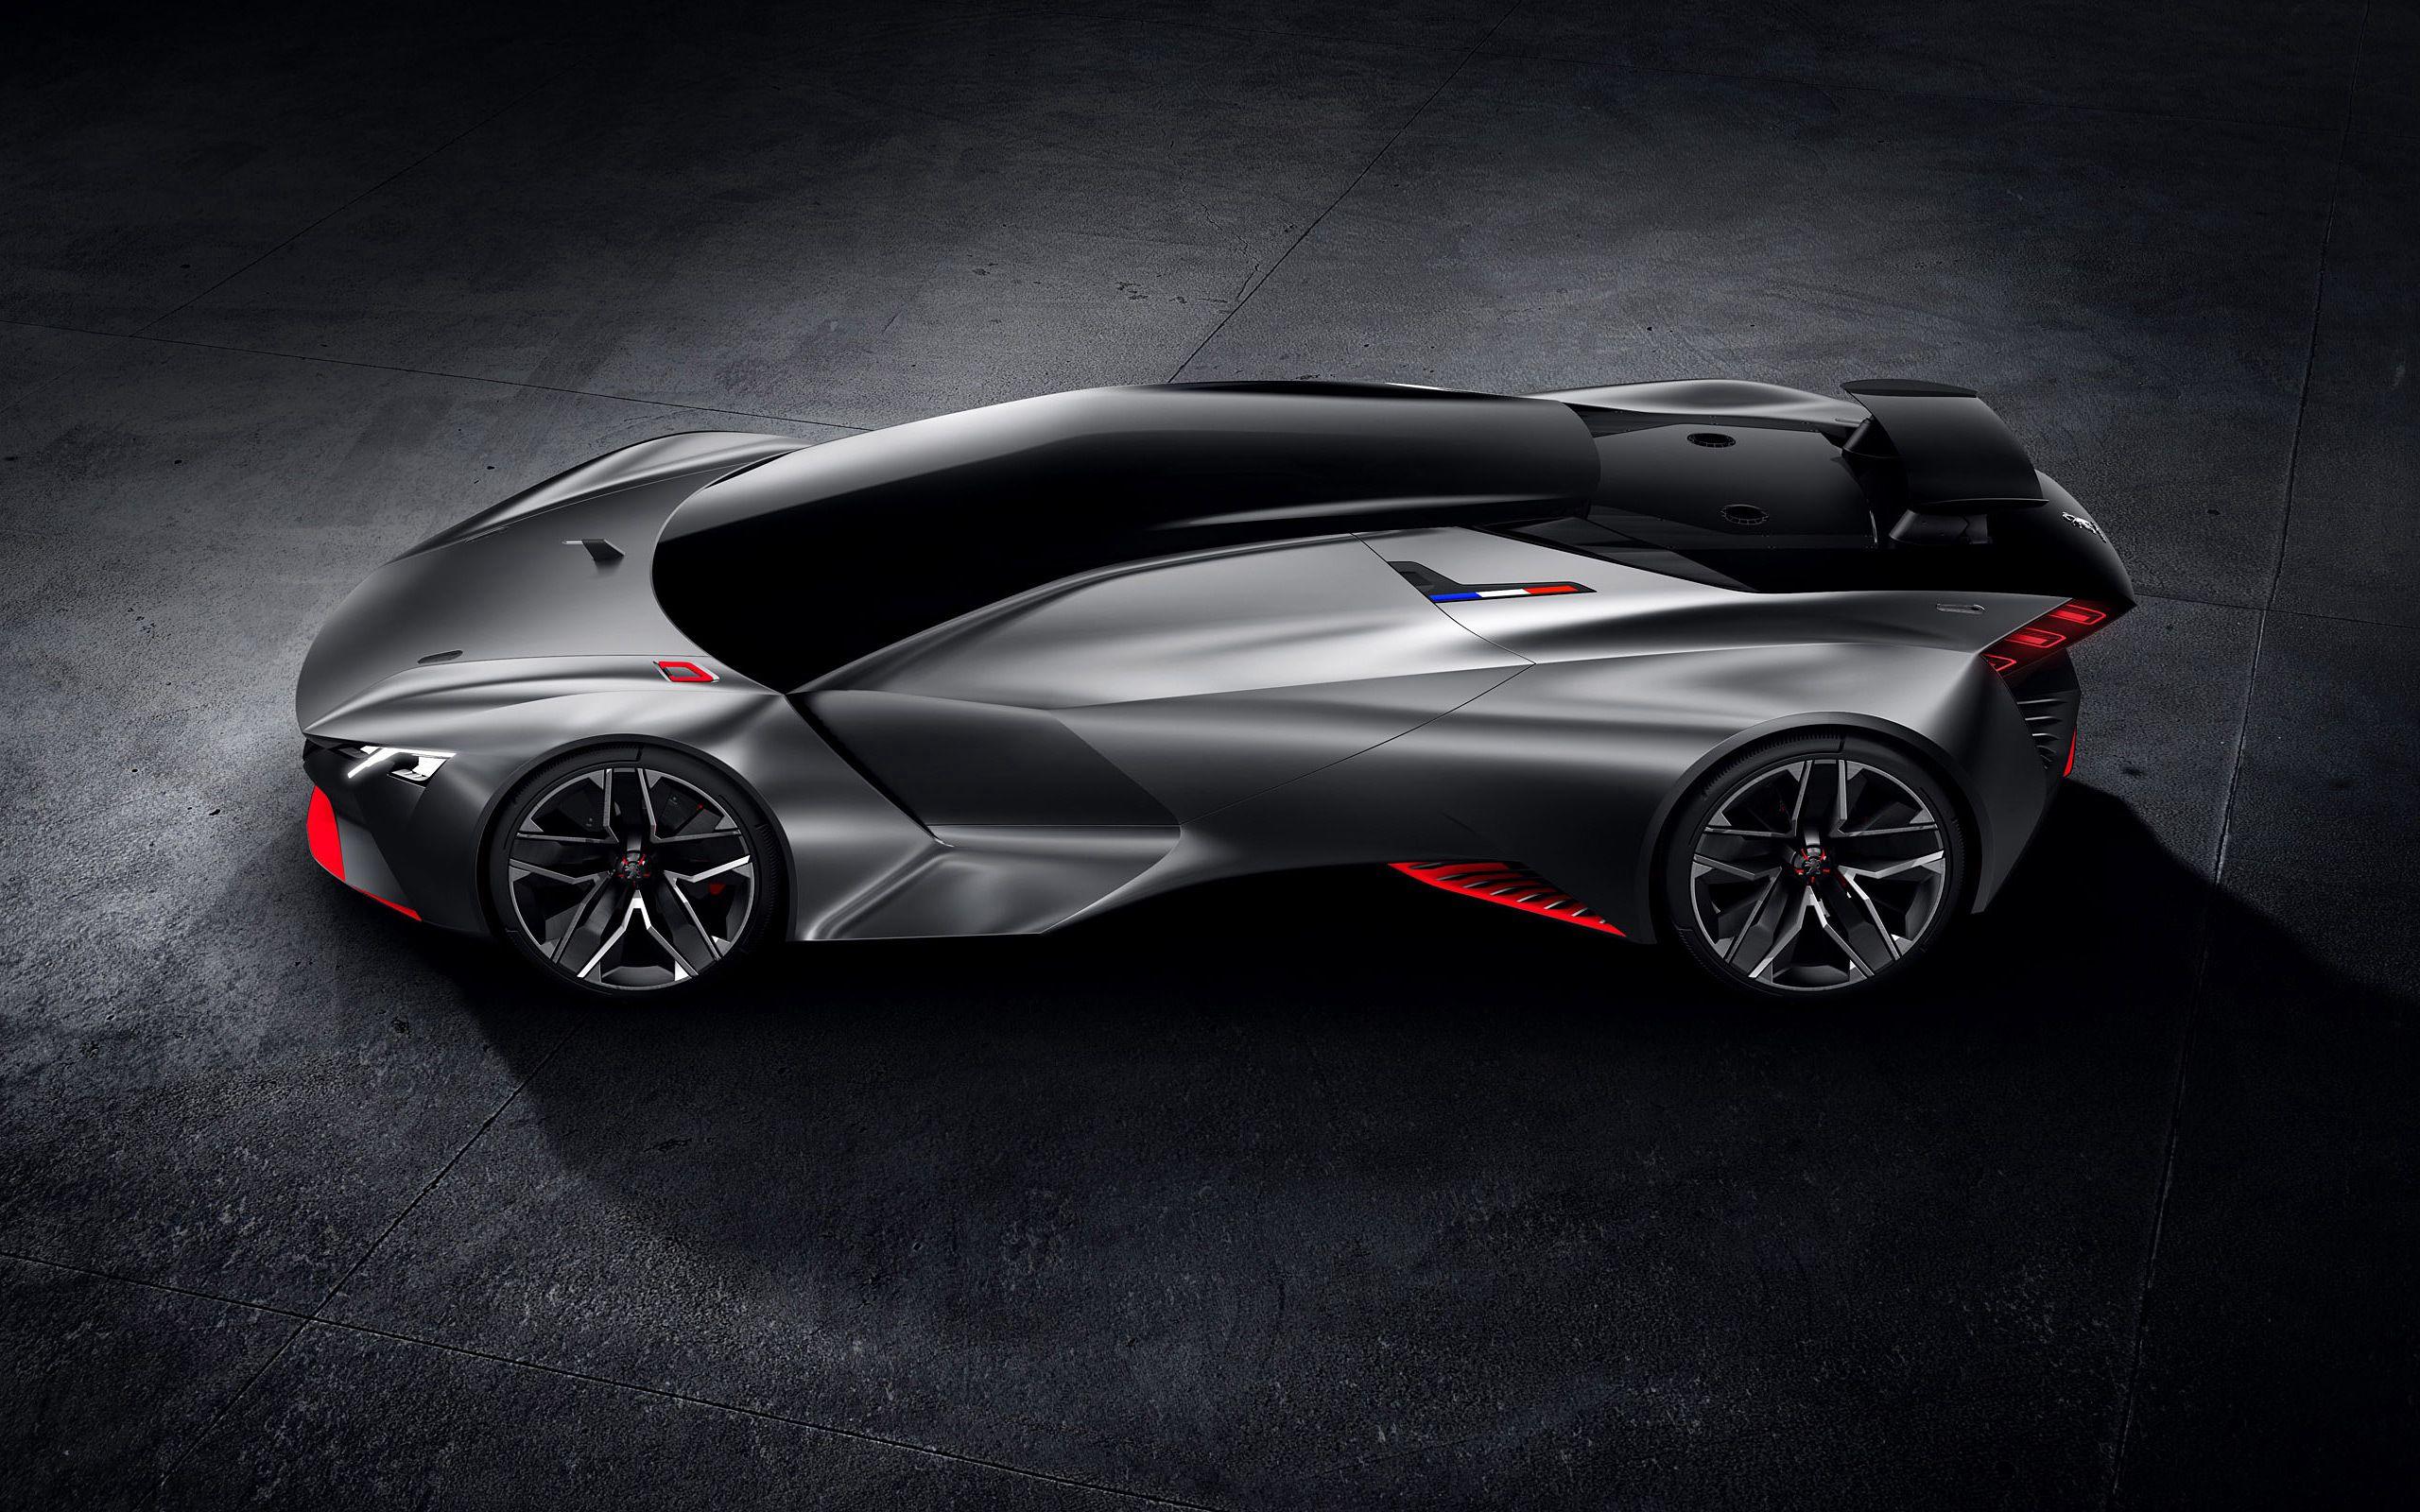 85027 скачать обои Пежо (Peugeot), Тачки (Cars), Черный, Вид Сбоку, Концепт, Vision, Gran Turismo - заставки и картинки бесплатно